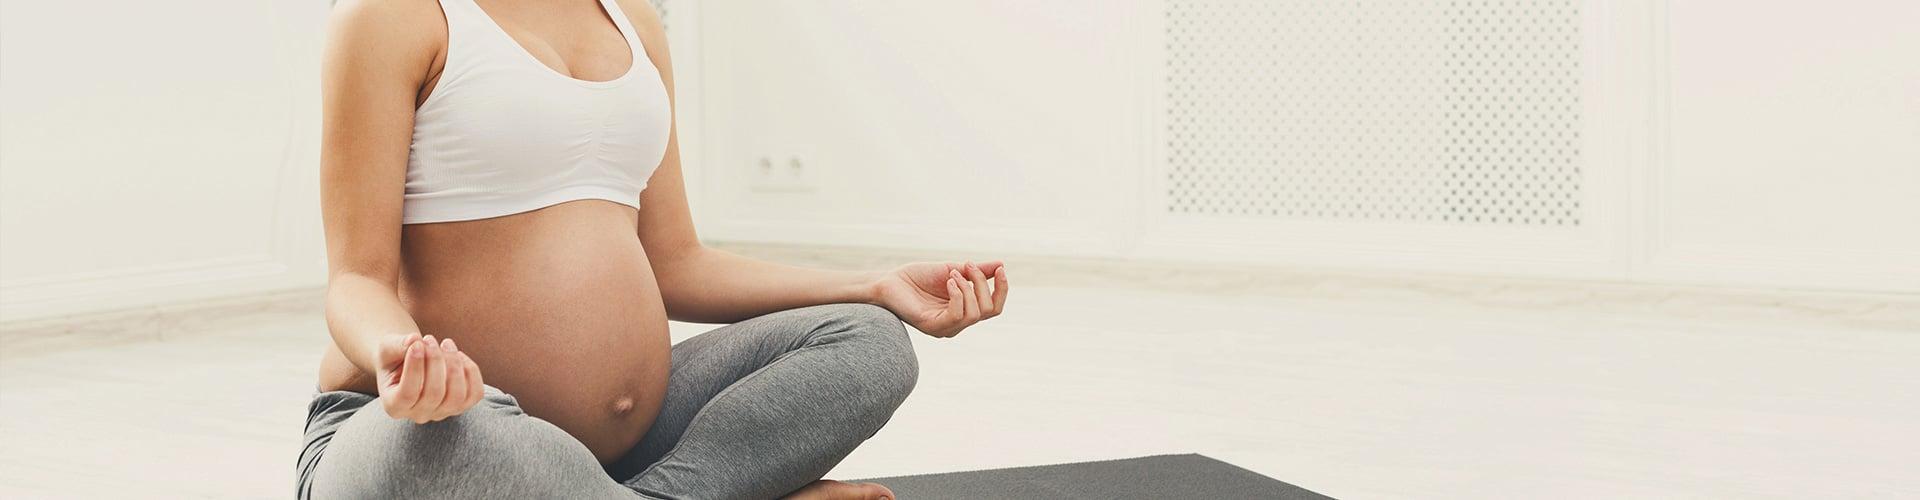 ejercicios para embarazadas en Ritmo Sevilla